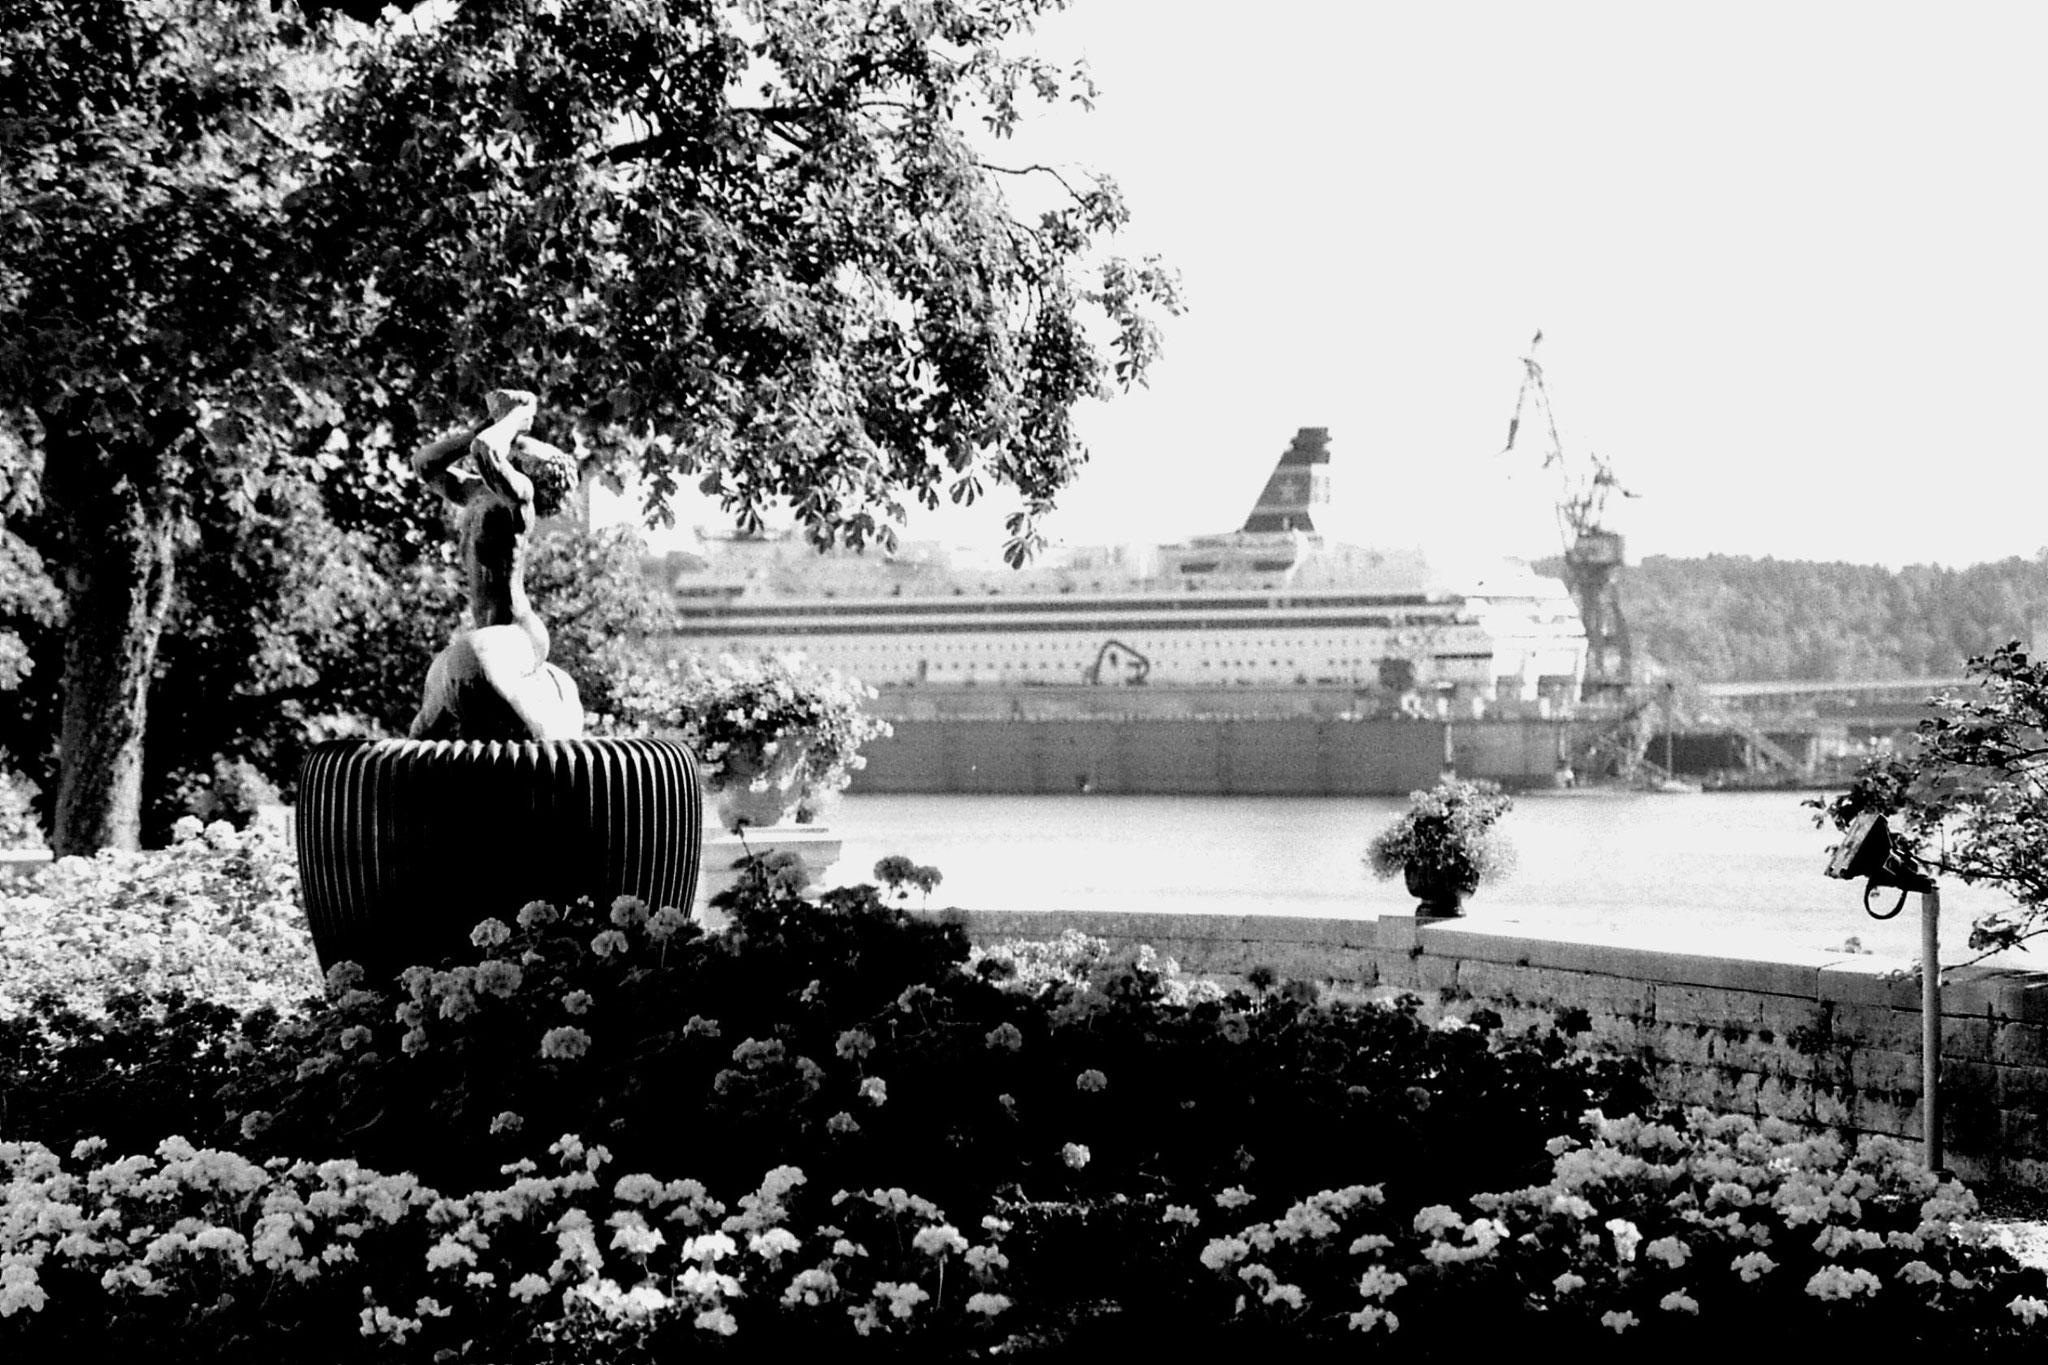 7/9/1988: 35: Stockholm harbour